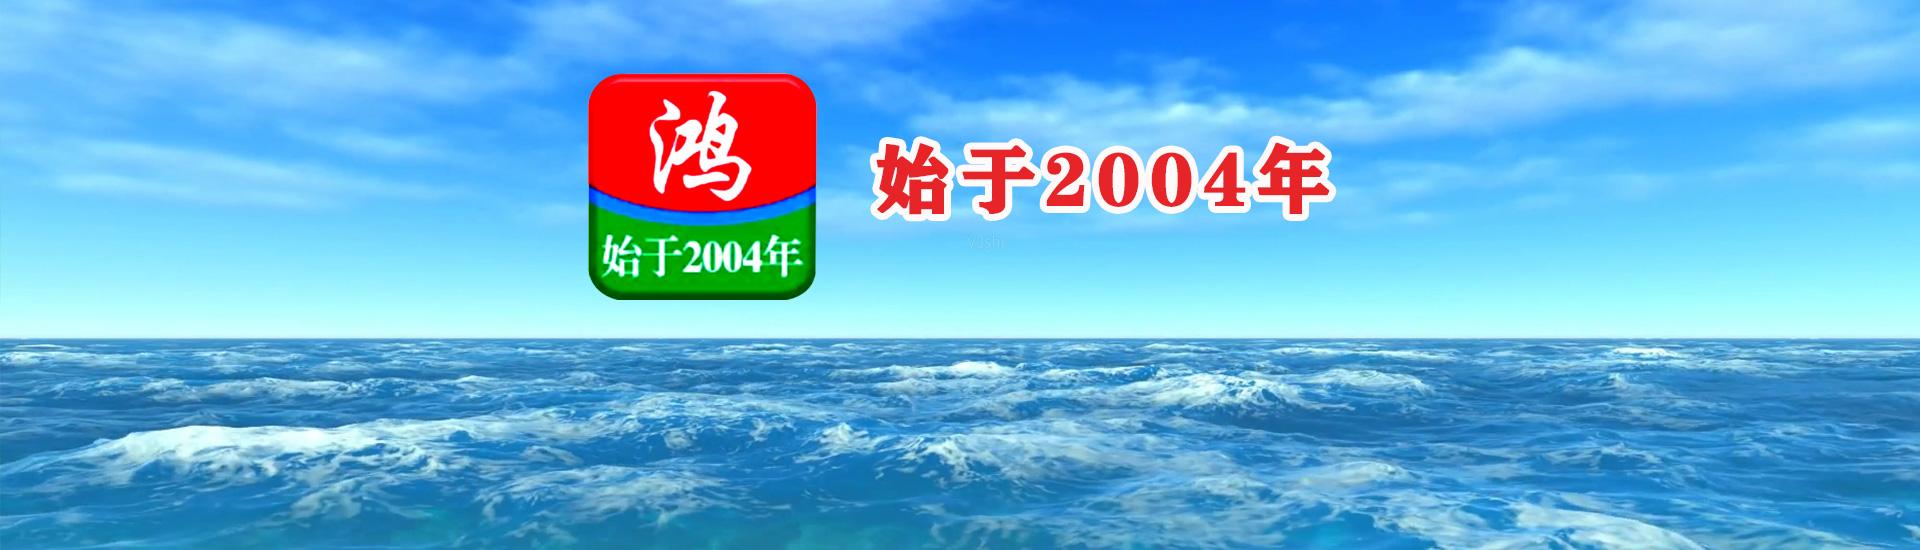 鴻(hong)基夢家政(zheng)